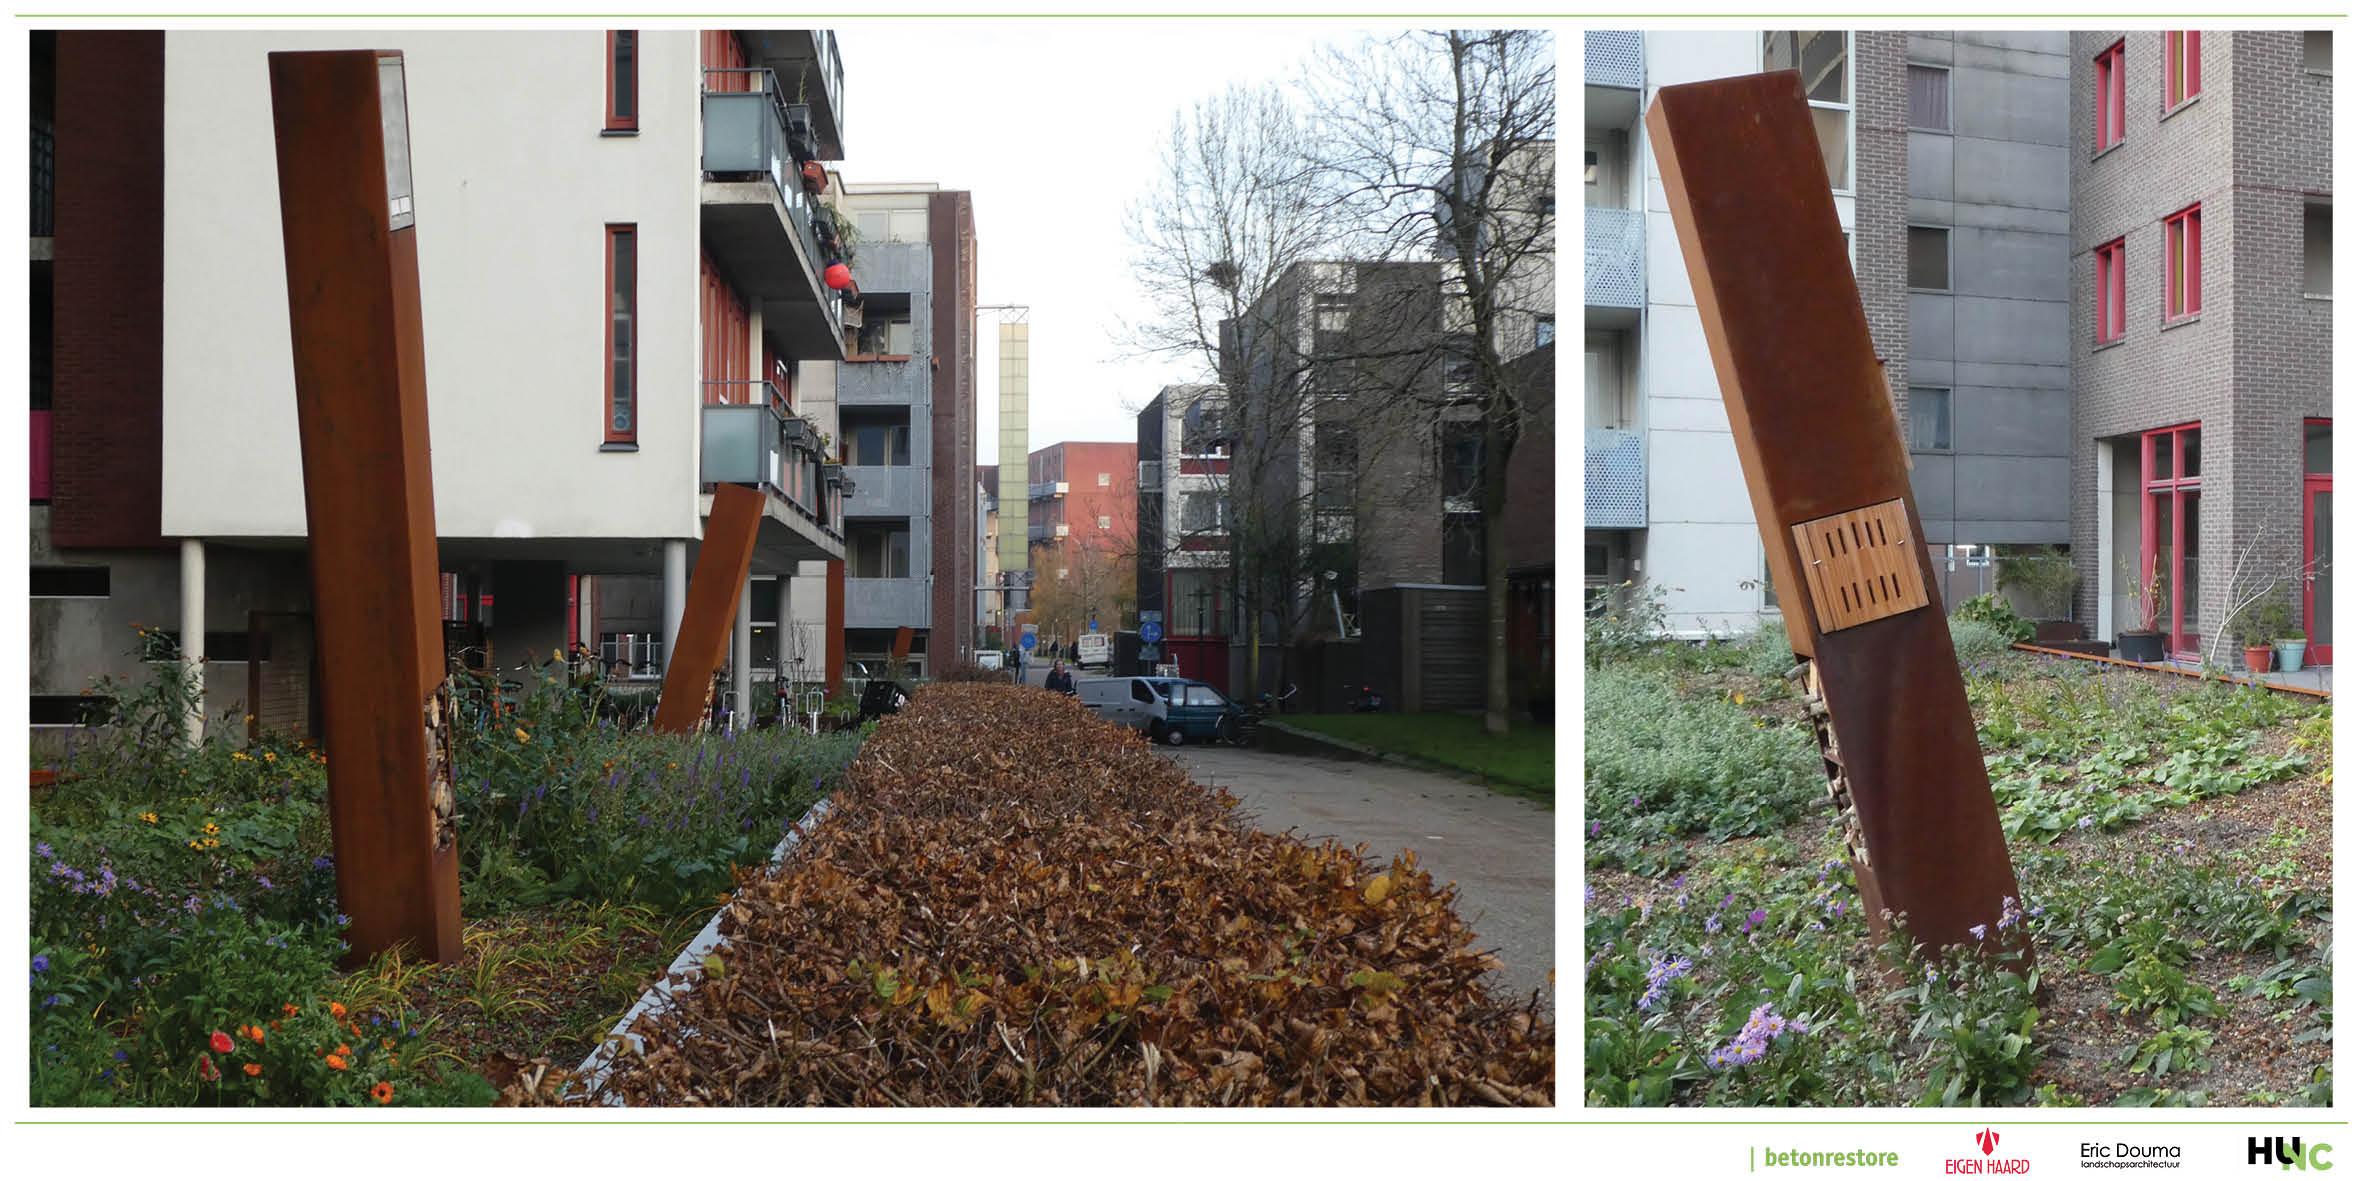 vergroening van de stad, speciaal ontwerp voor vleermuizen, vogels, vlinders en insecten